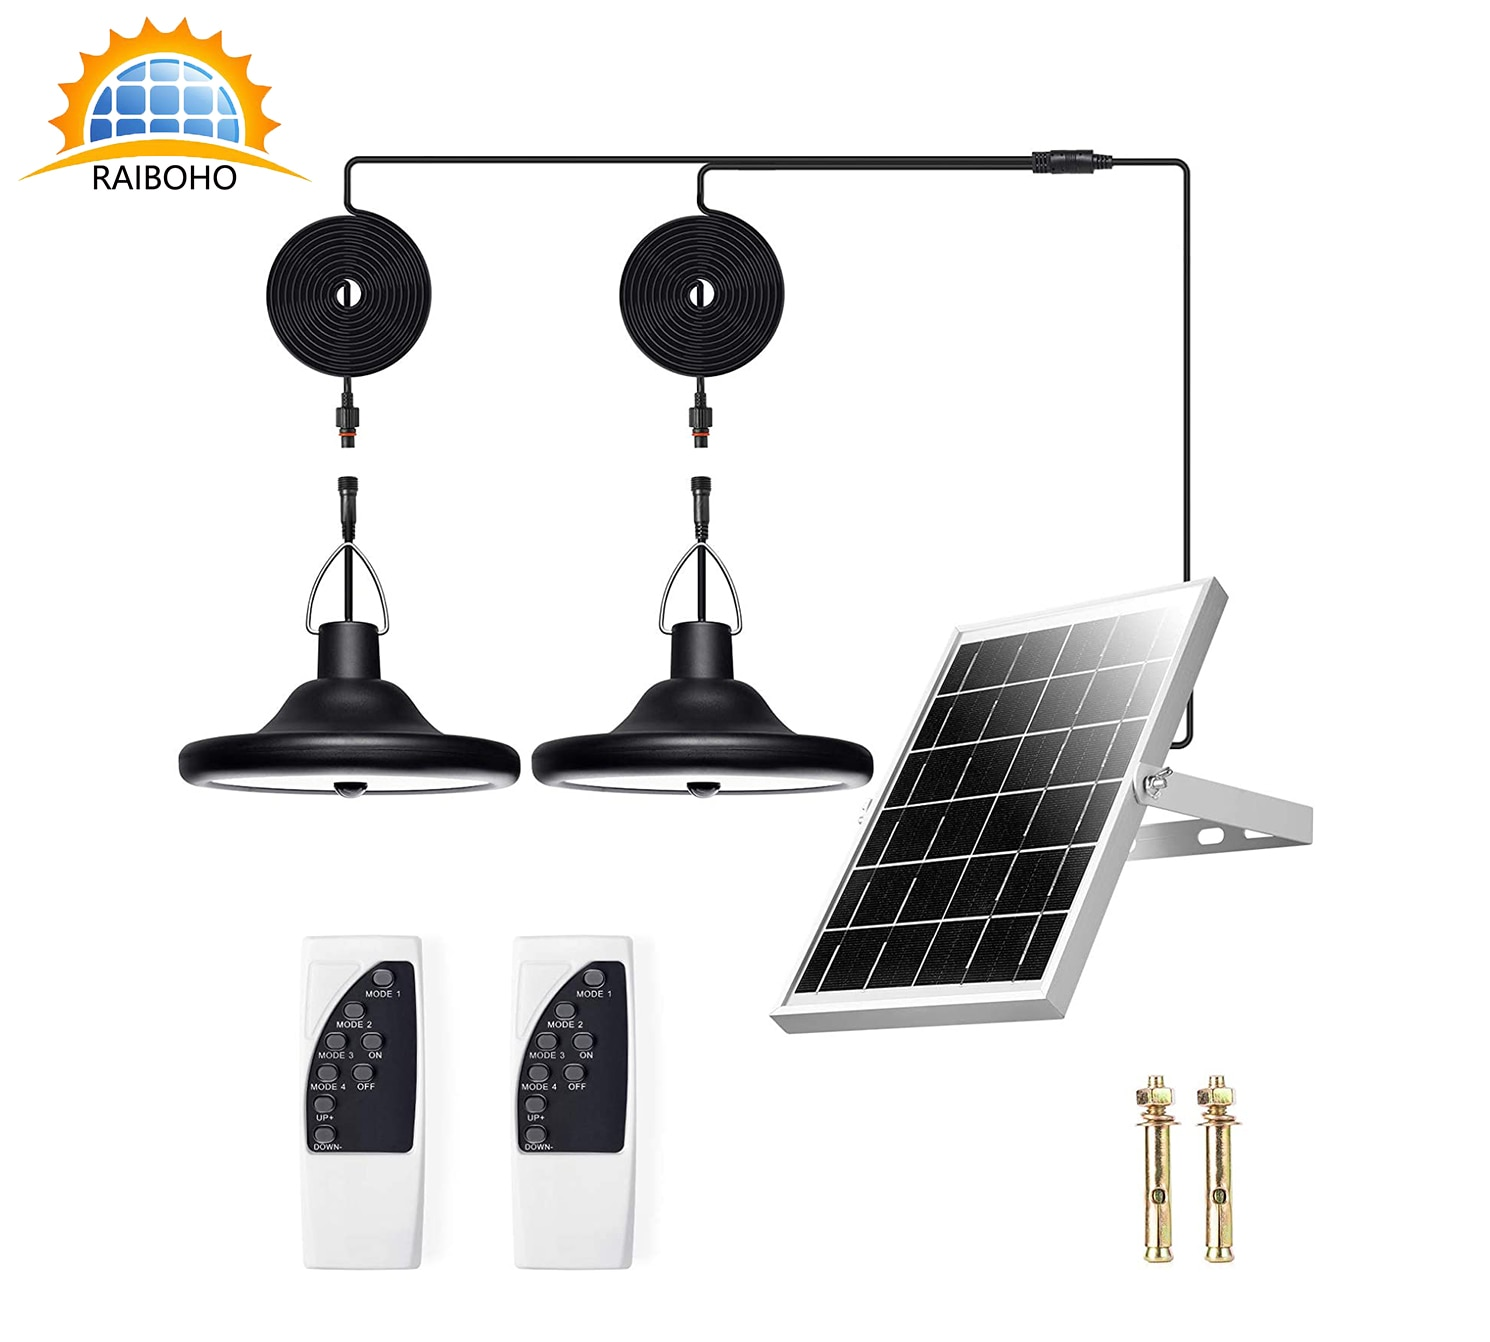 أضواء قلادة الشمسية 1000 لومينز السوبر مشرق أضواء الشمسية كشافات تعمل بالطاقة الشمسية للهواء الطلق مع كابل 32.8FT وأضواء الطاقة الشمسية 112 LED